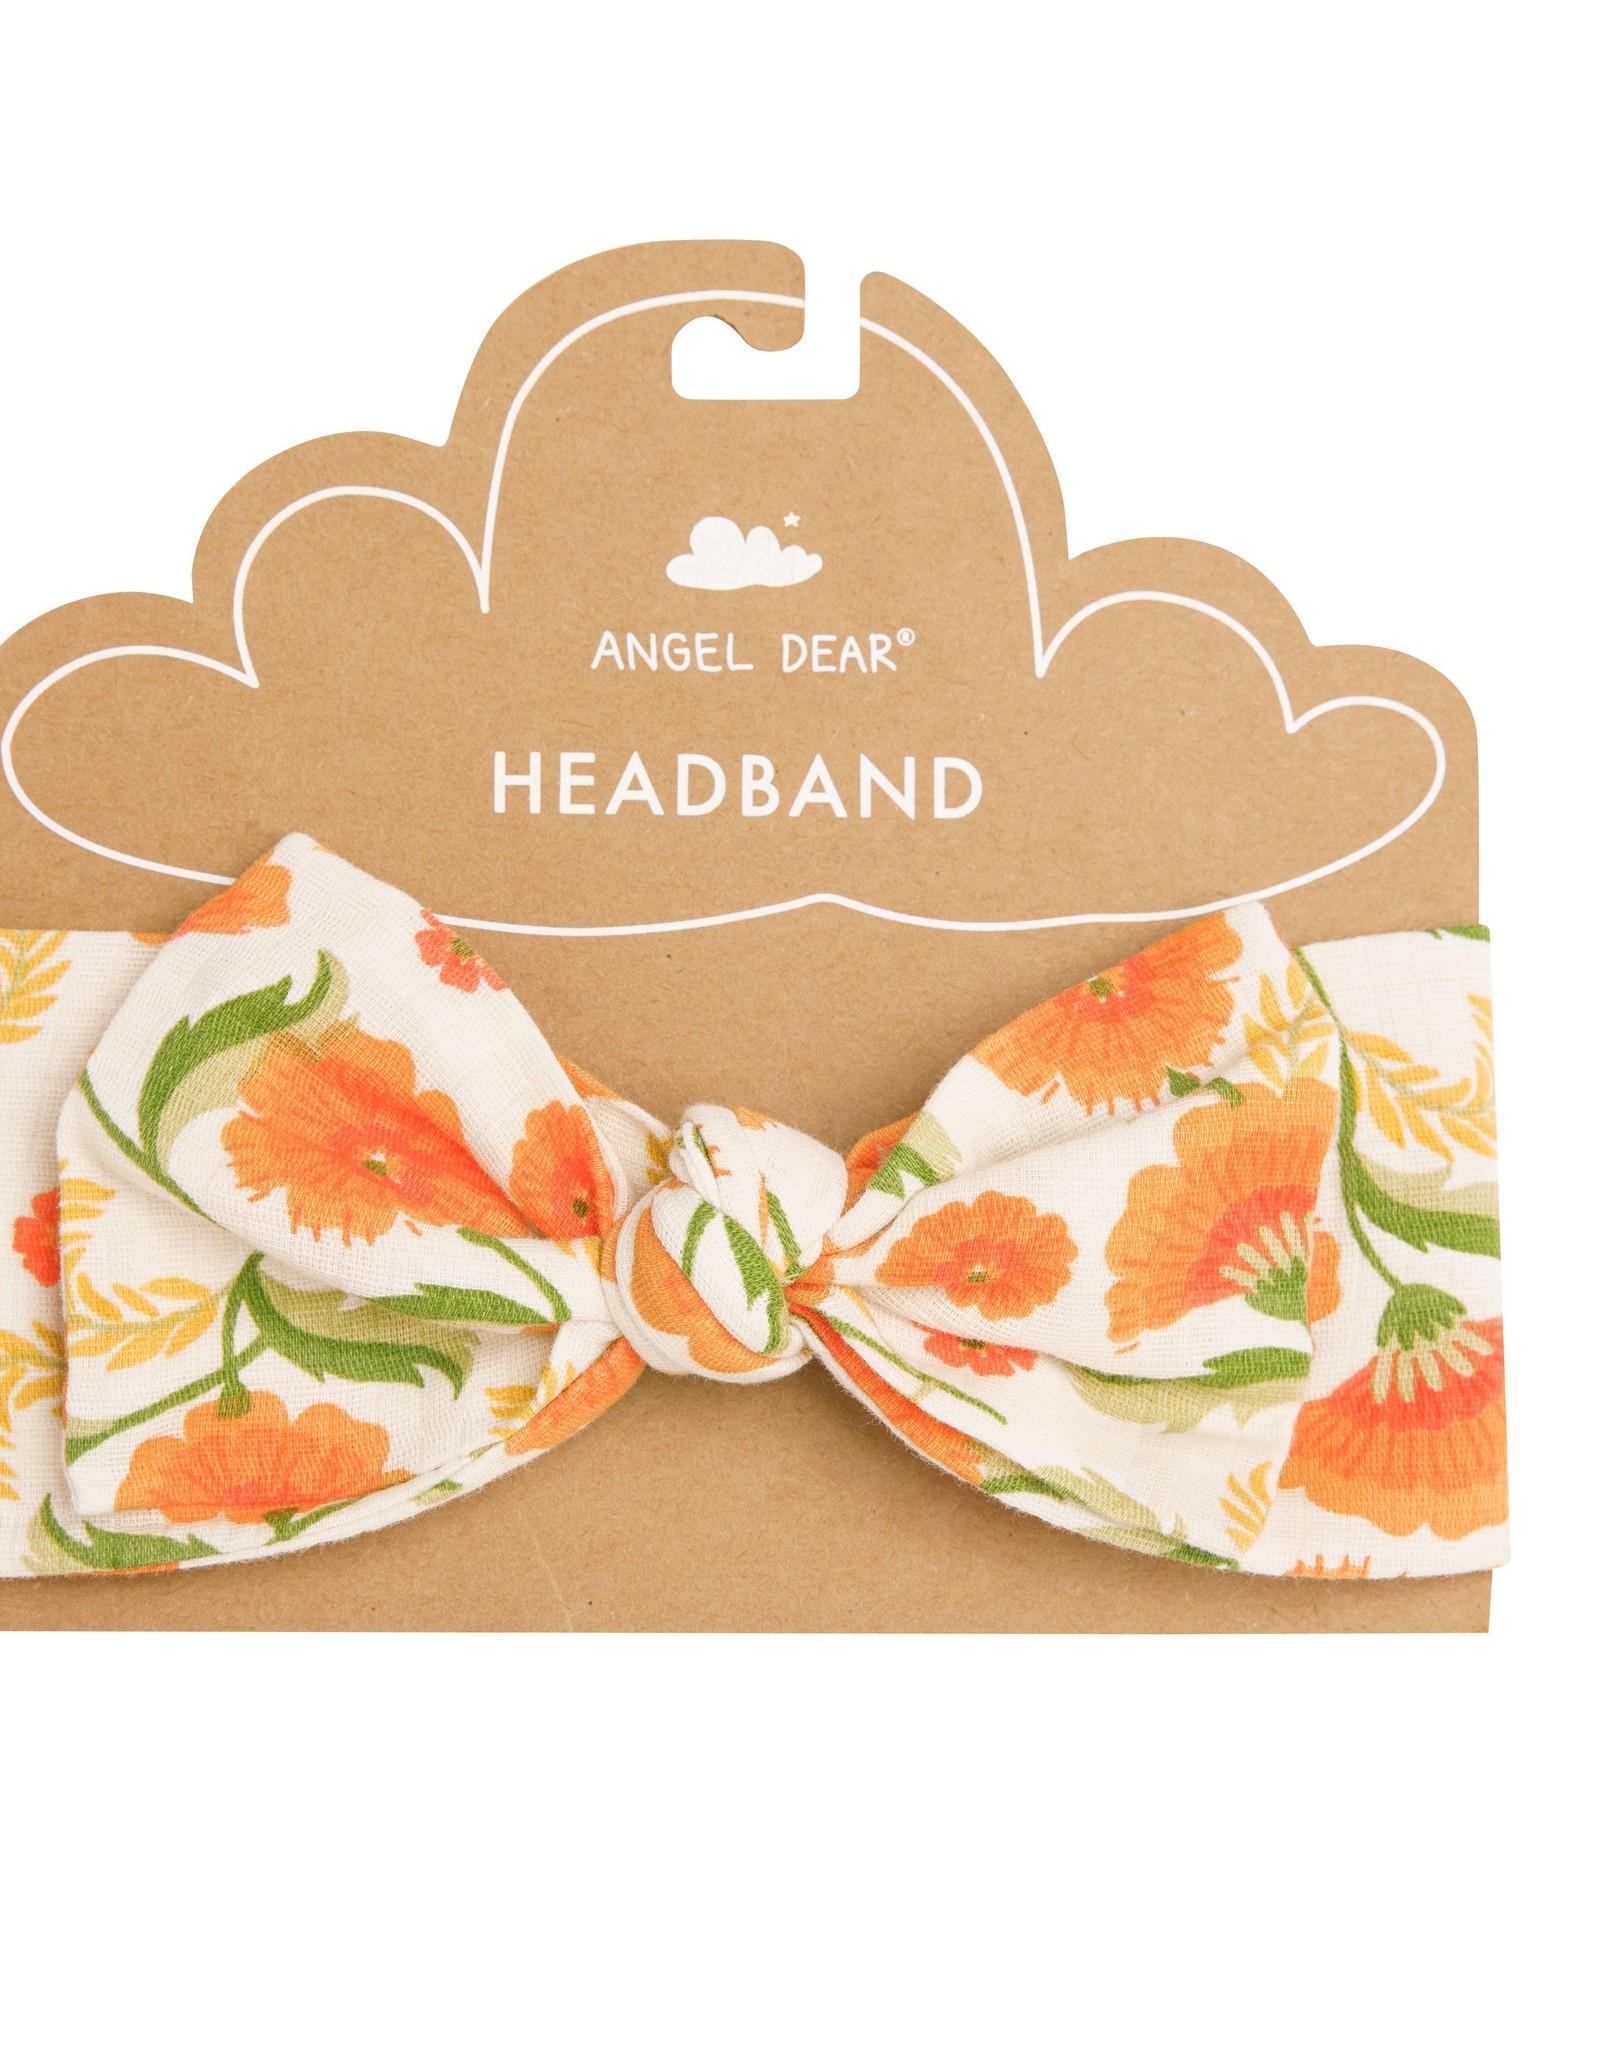 Angel Dear marigold swirl headband